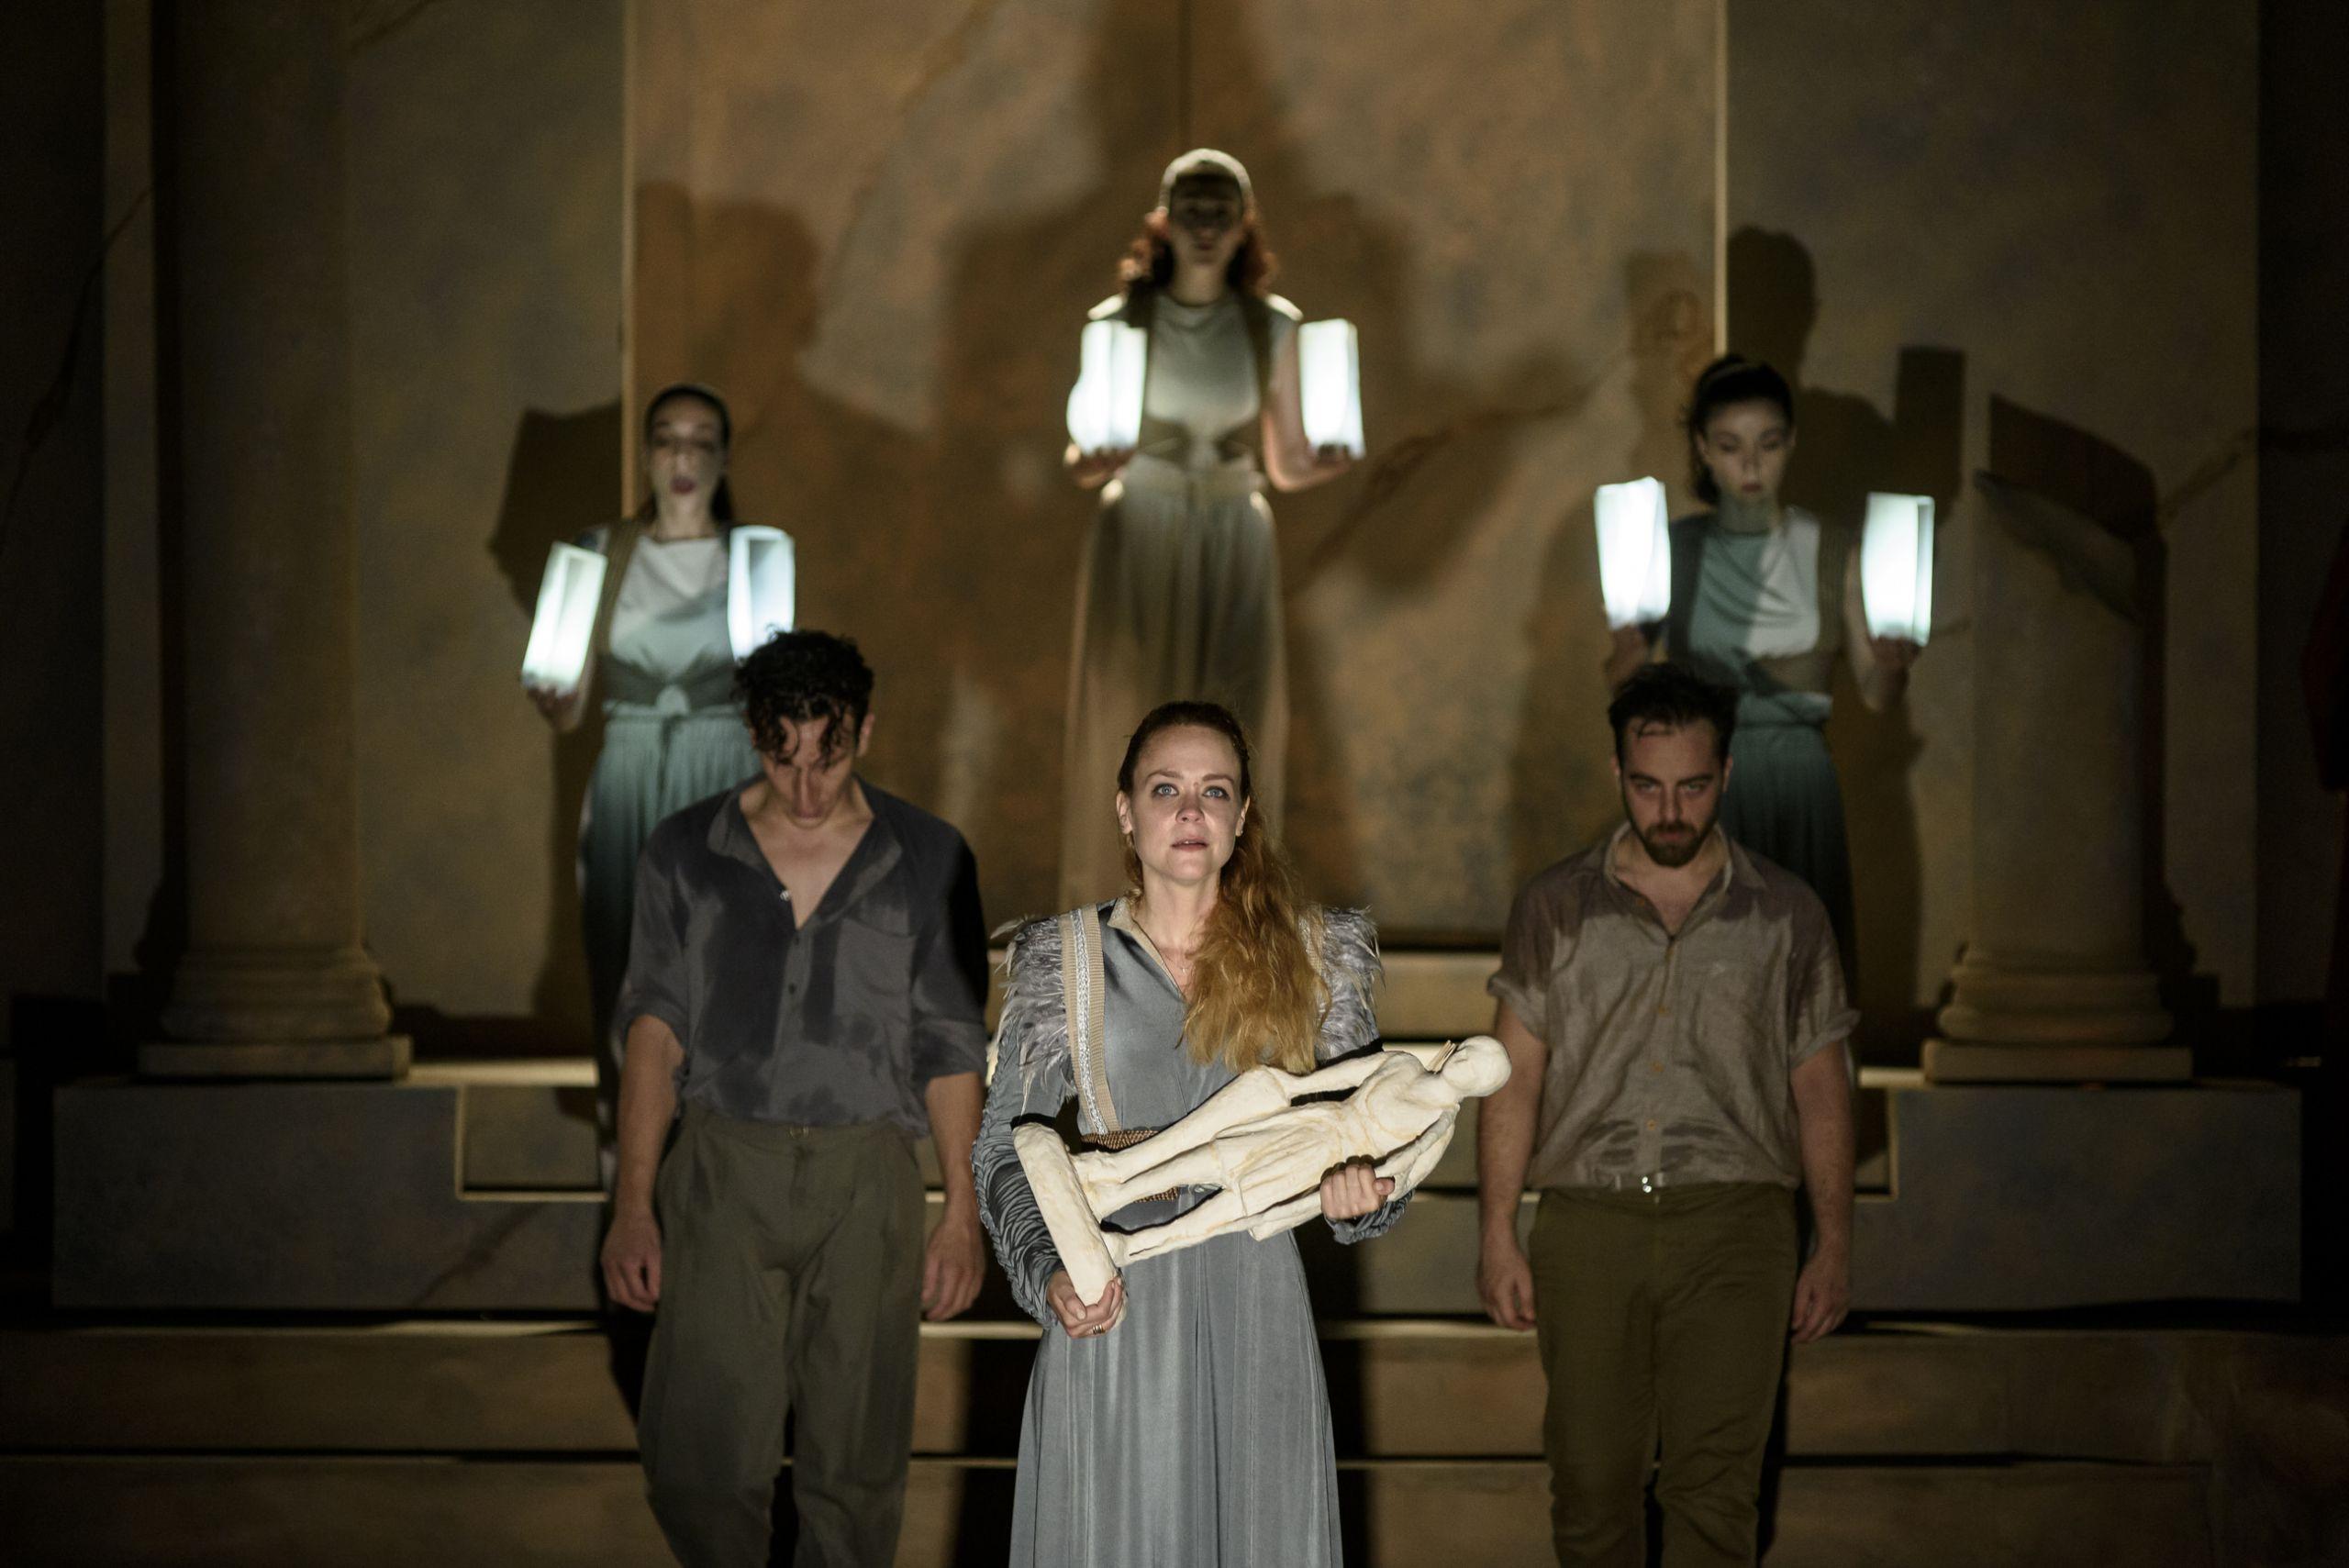 Ιφιγένεια η εν Ταύροις σε σκηνοθεσία Γιώργου Νανούρη στο Φεστιβάλ Κολωνού